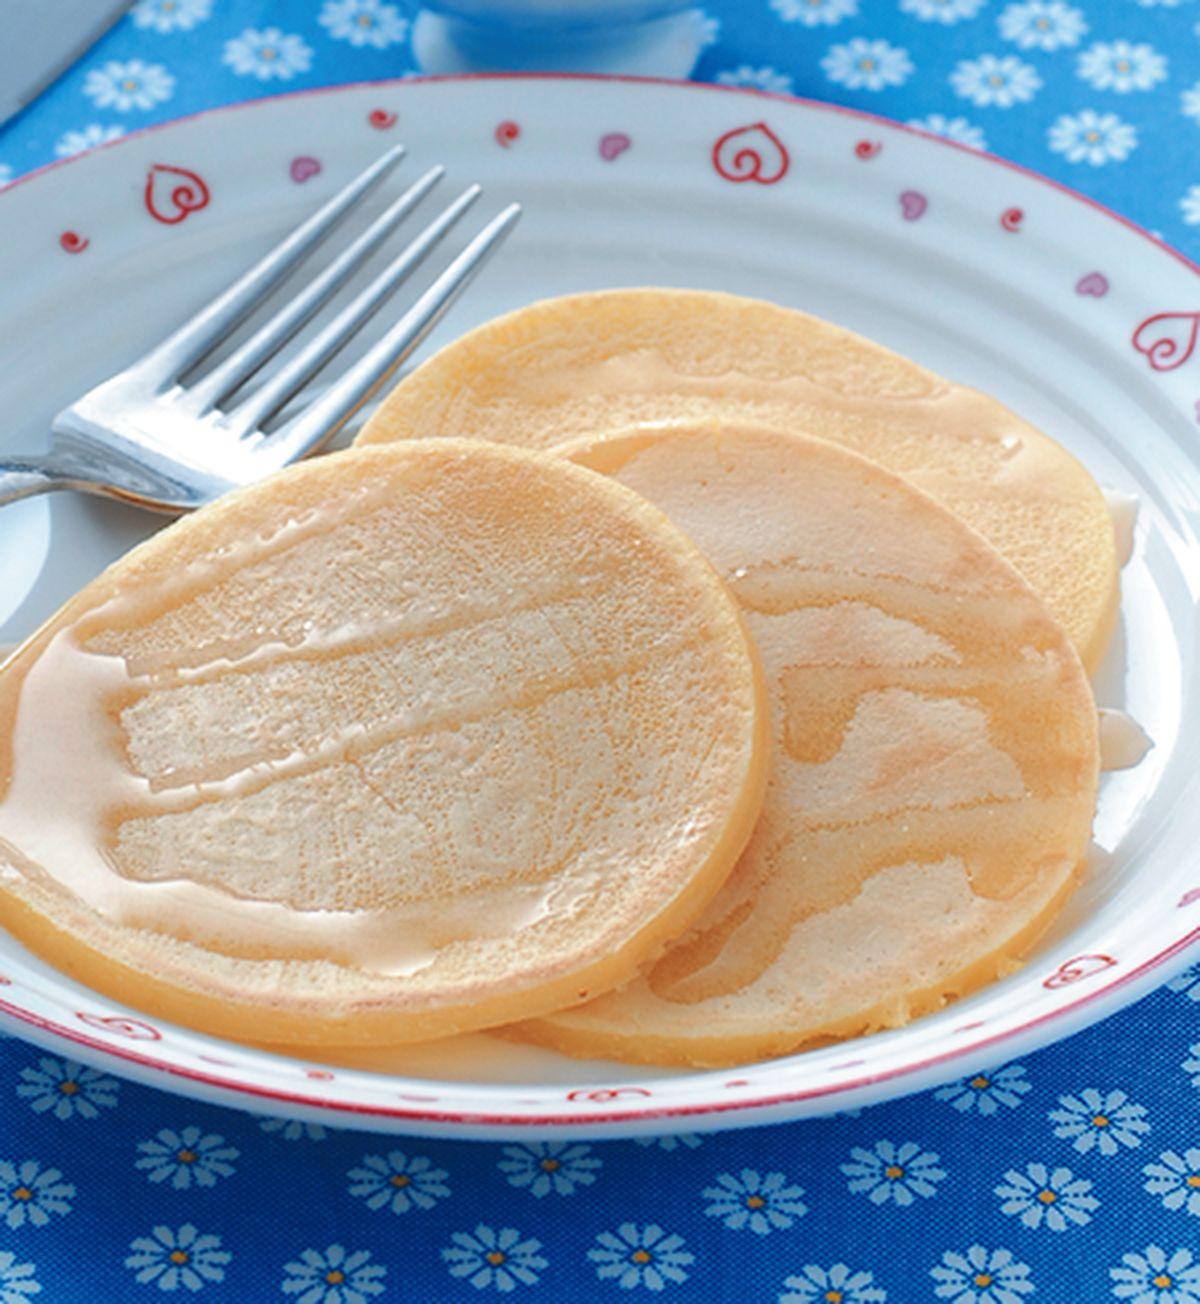 食譜:玉米蜂蜜煎餅